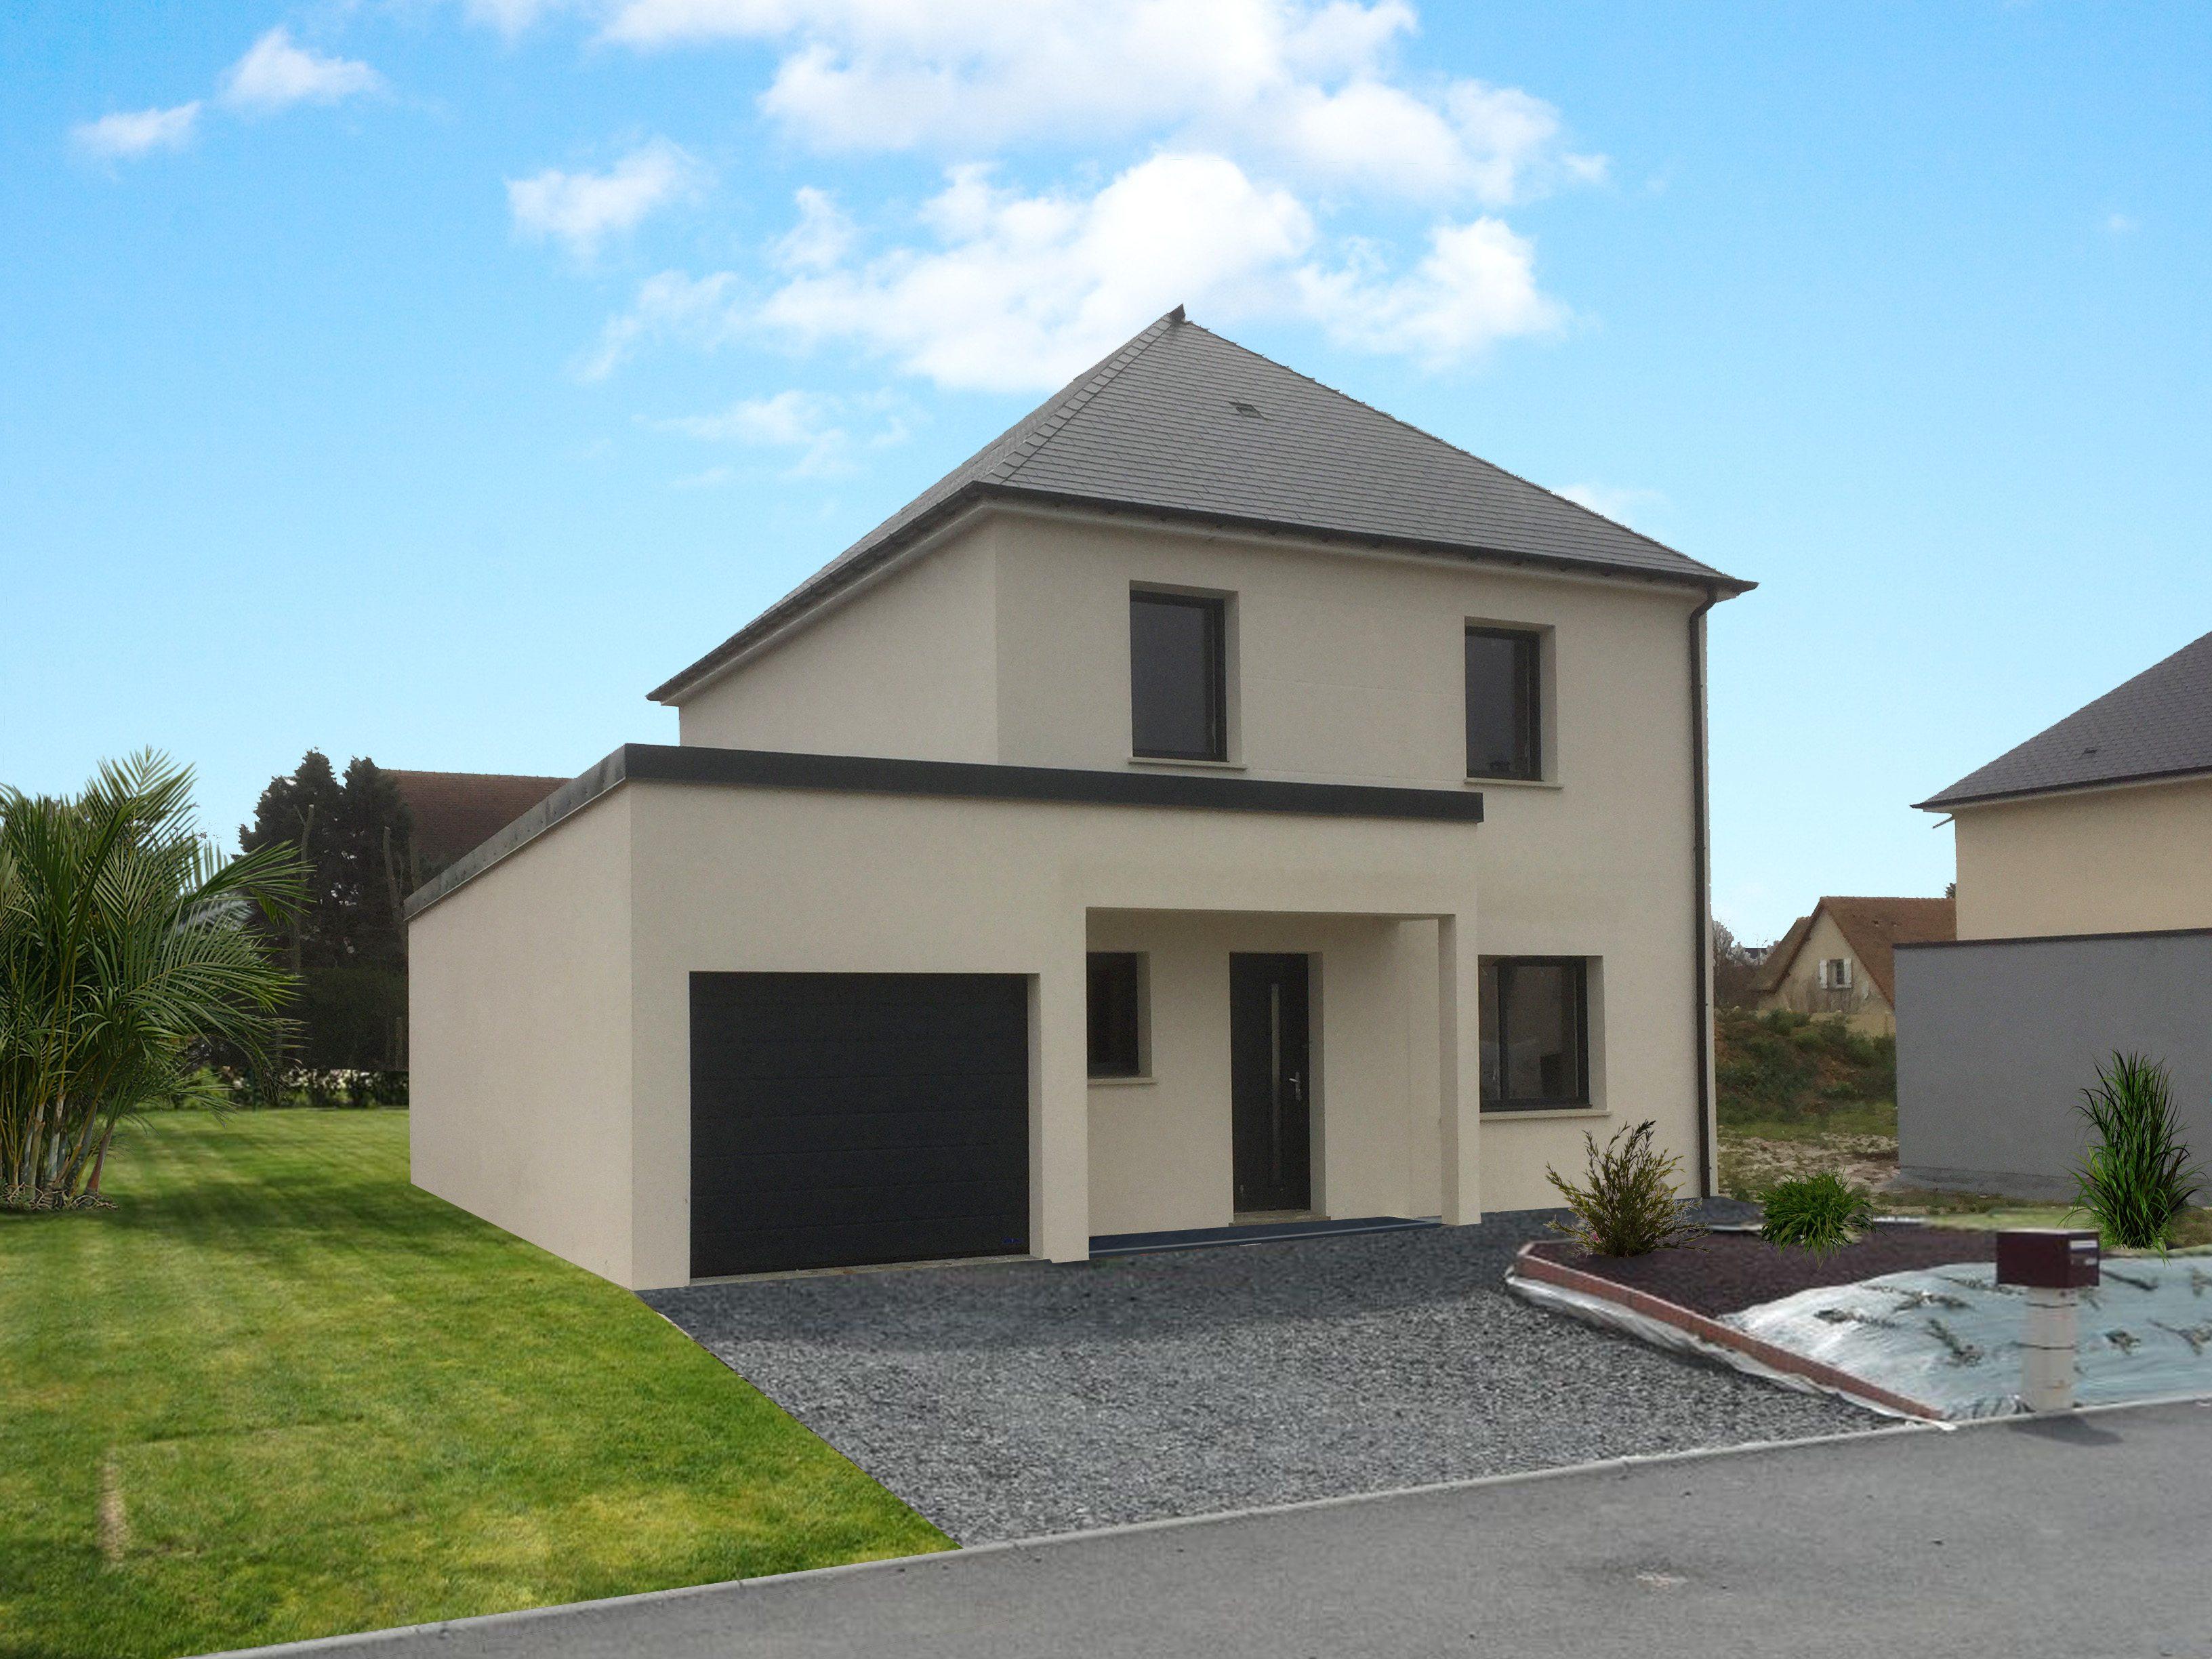 Maisons + Terrains du constructeur MAISON FAMILIALE RENNES • 110 m² • MONTERFIL